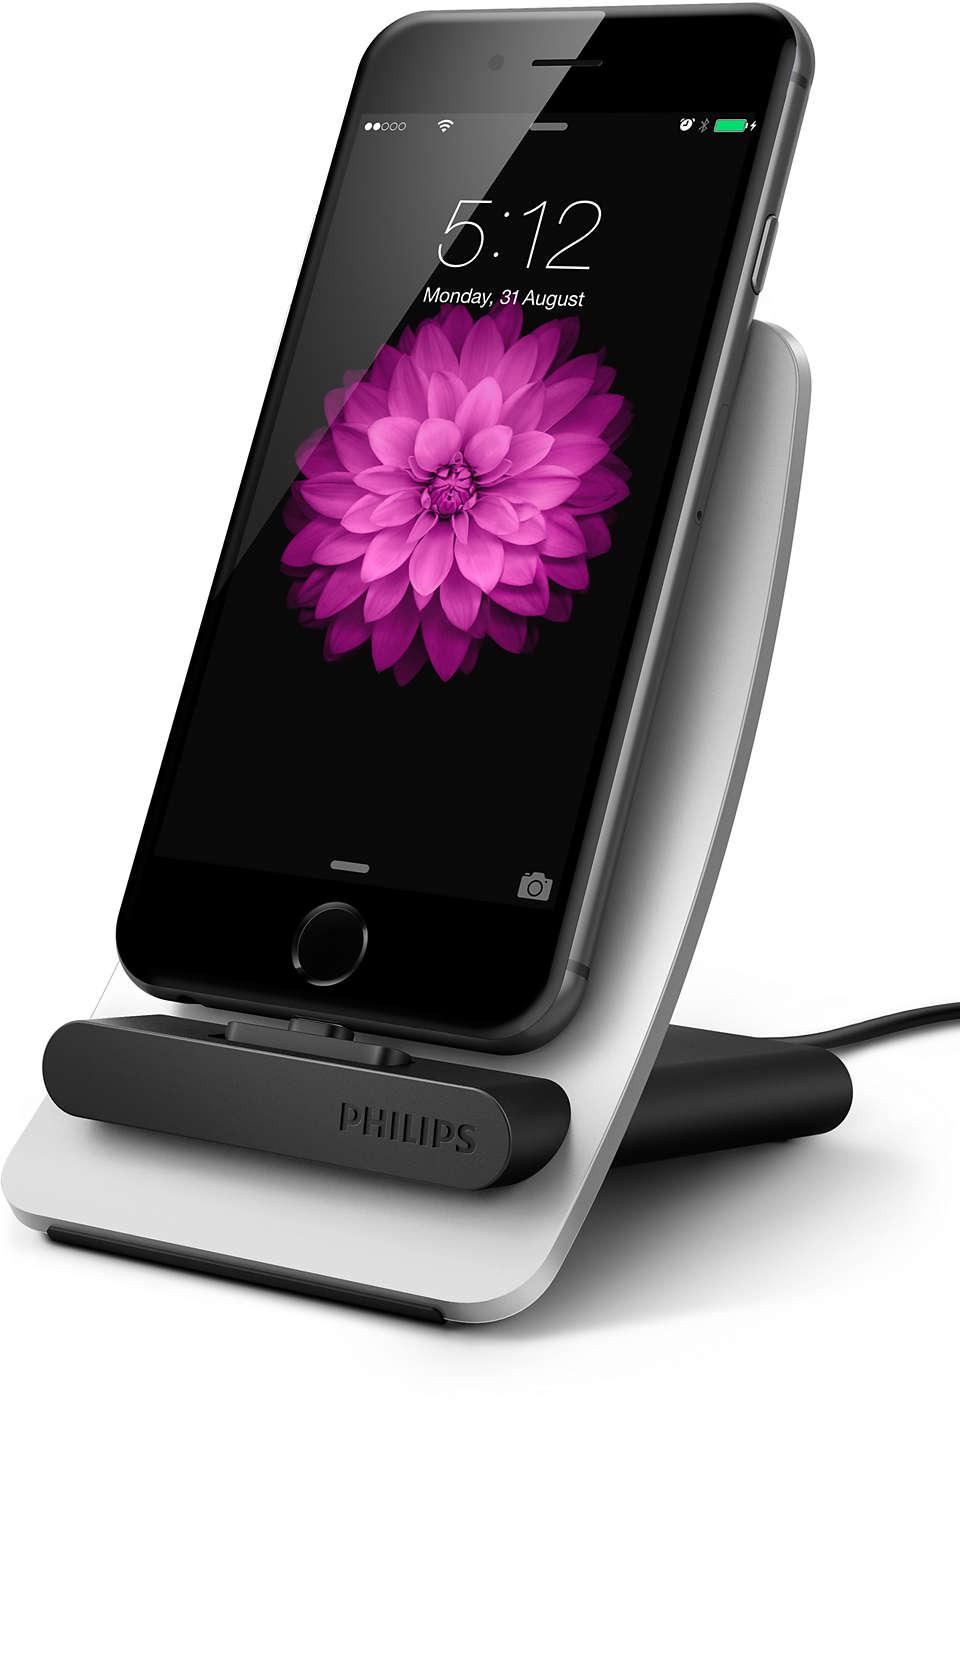 iPhone-Dockingstation